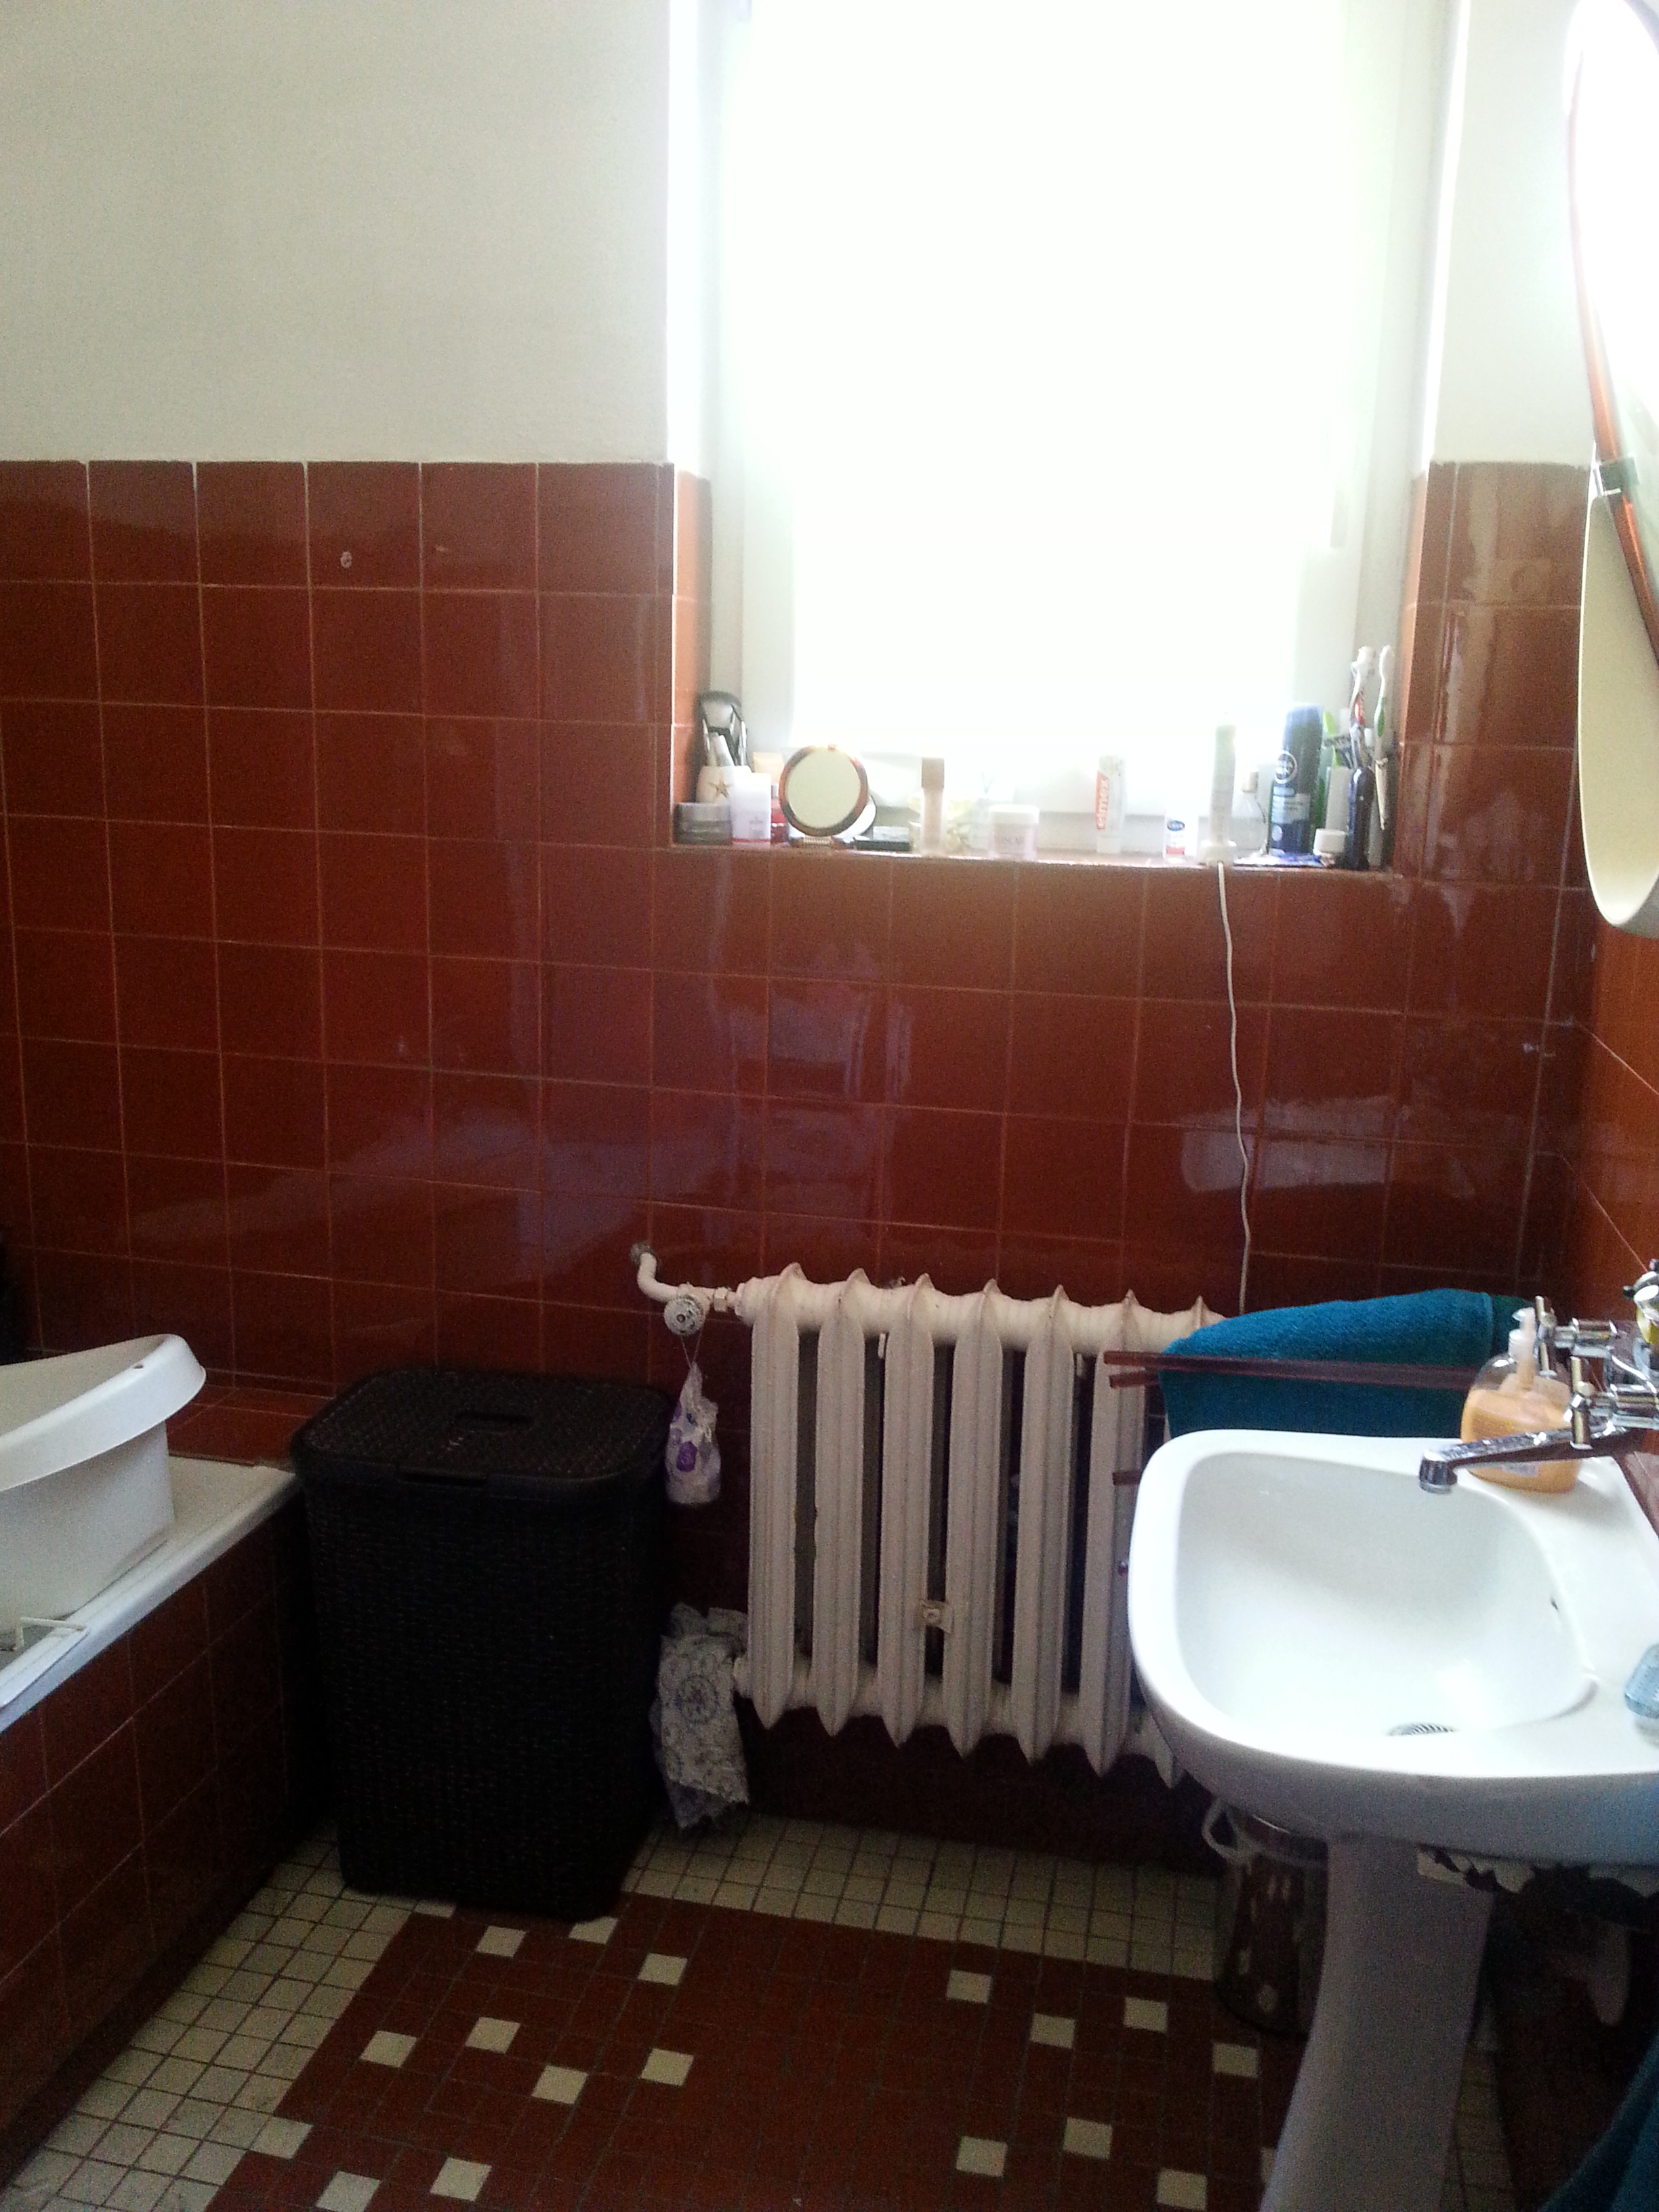 Zdjęcie łazienki przed remontem